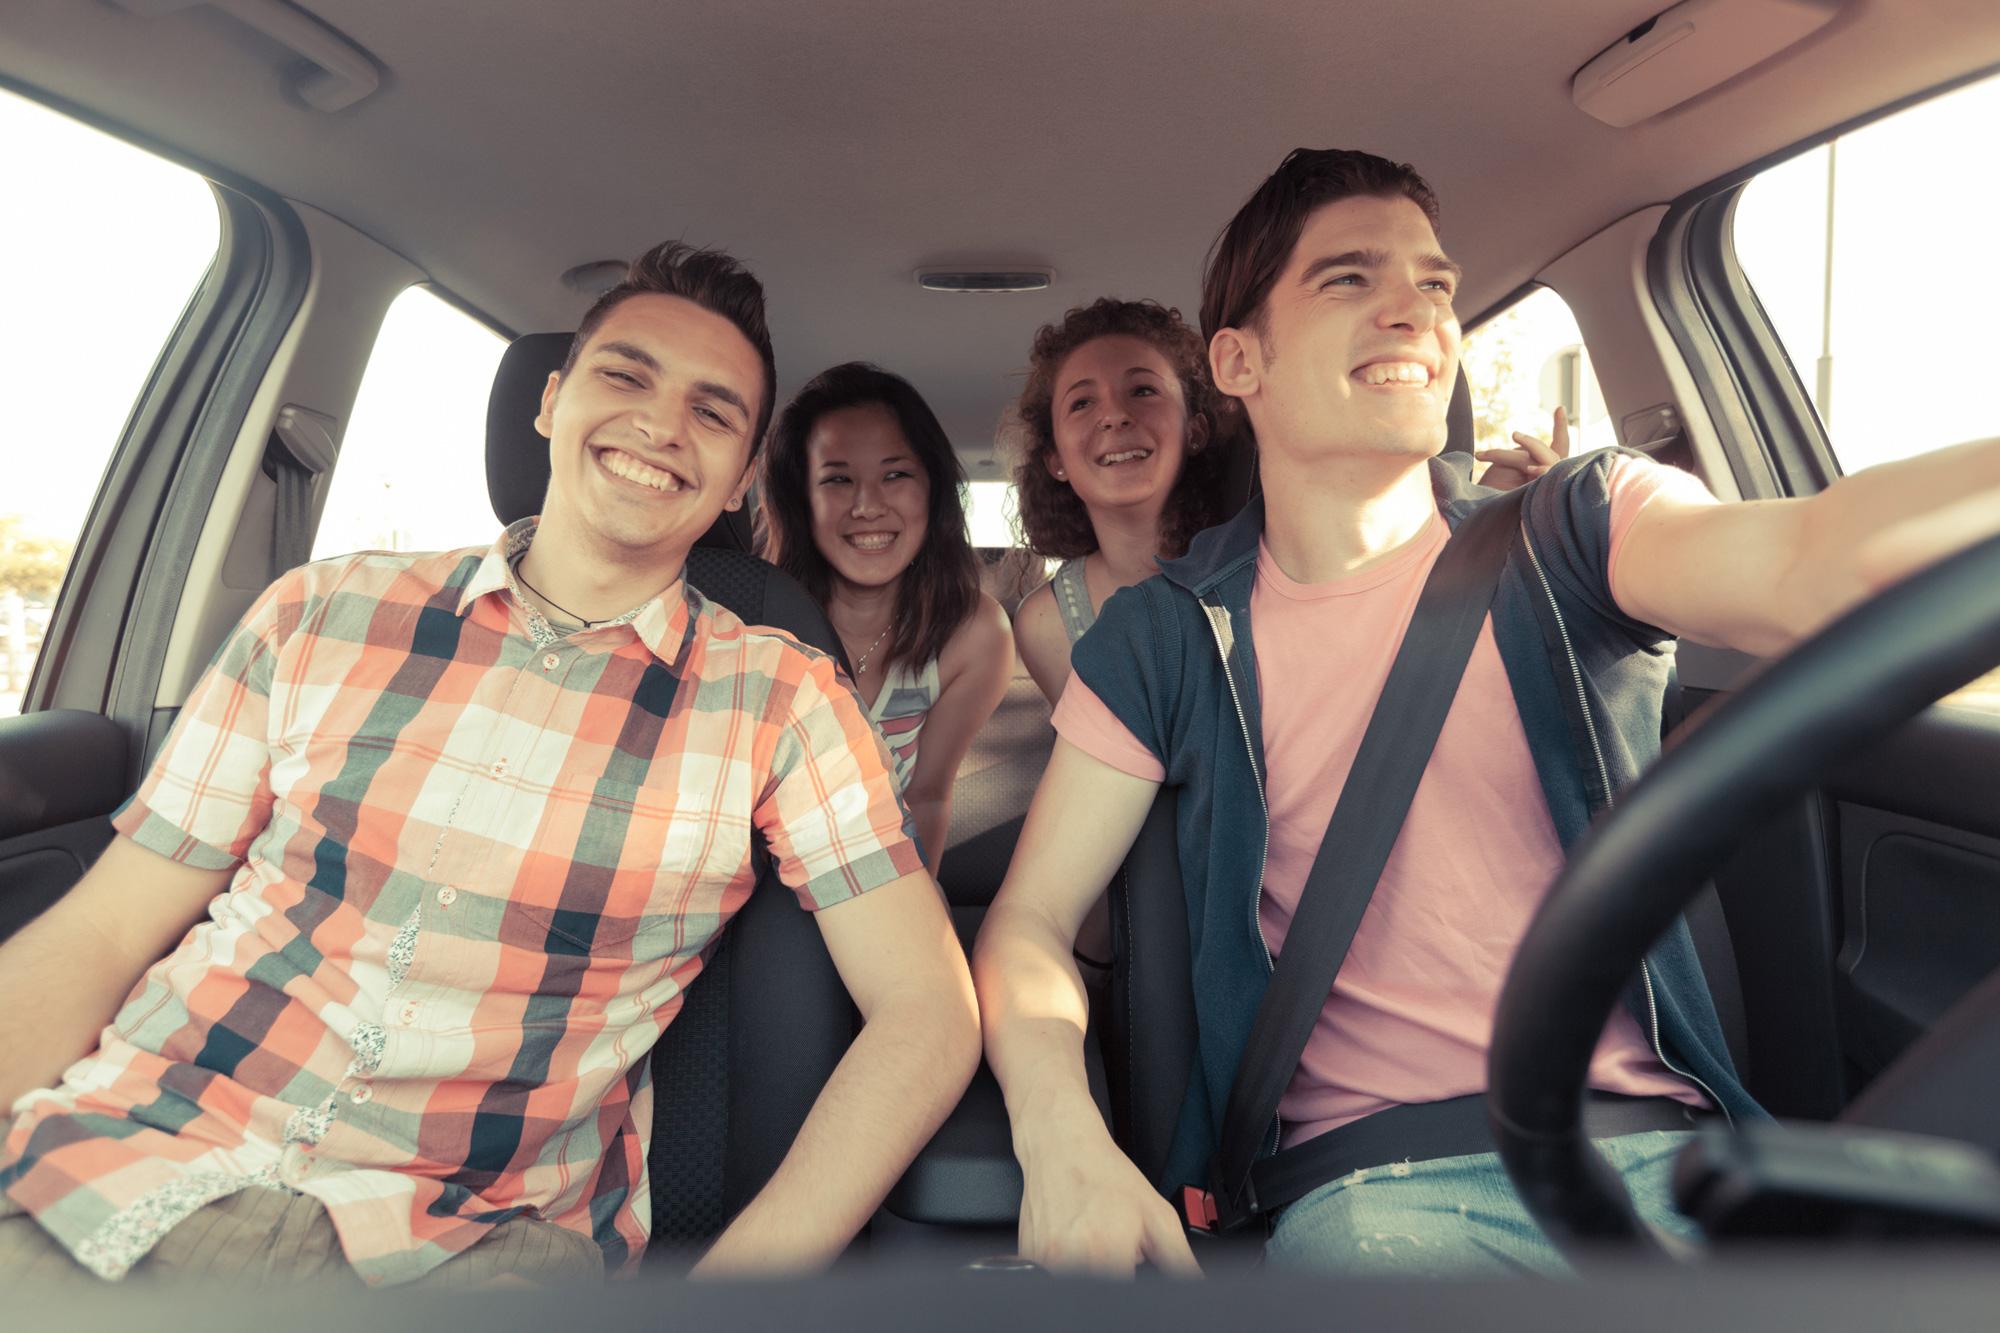 Comparte tu carro con tu familia o amigos -